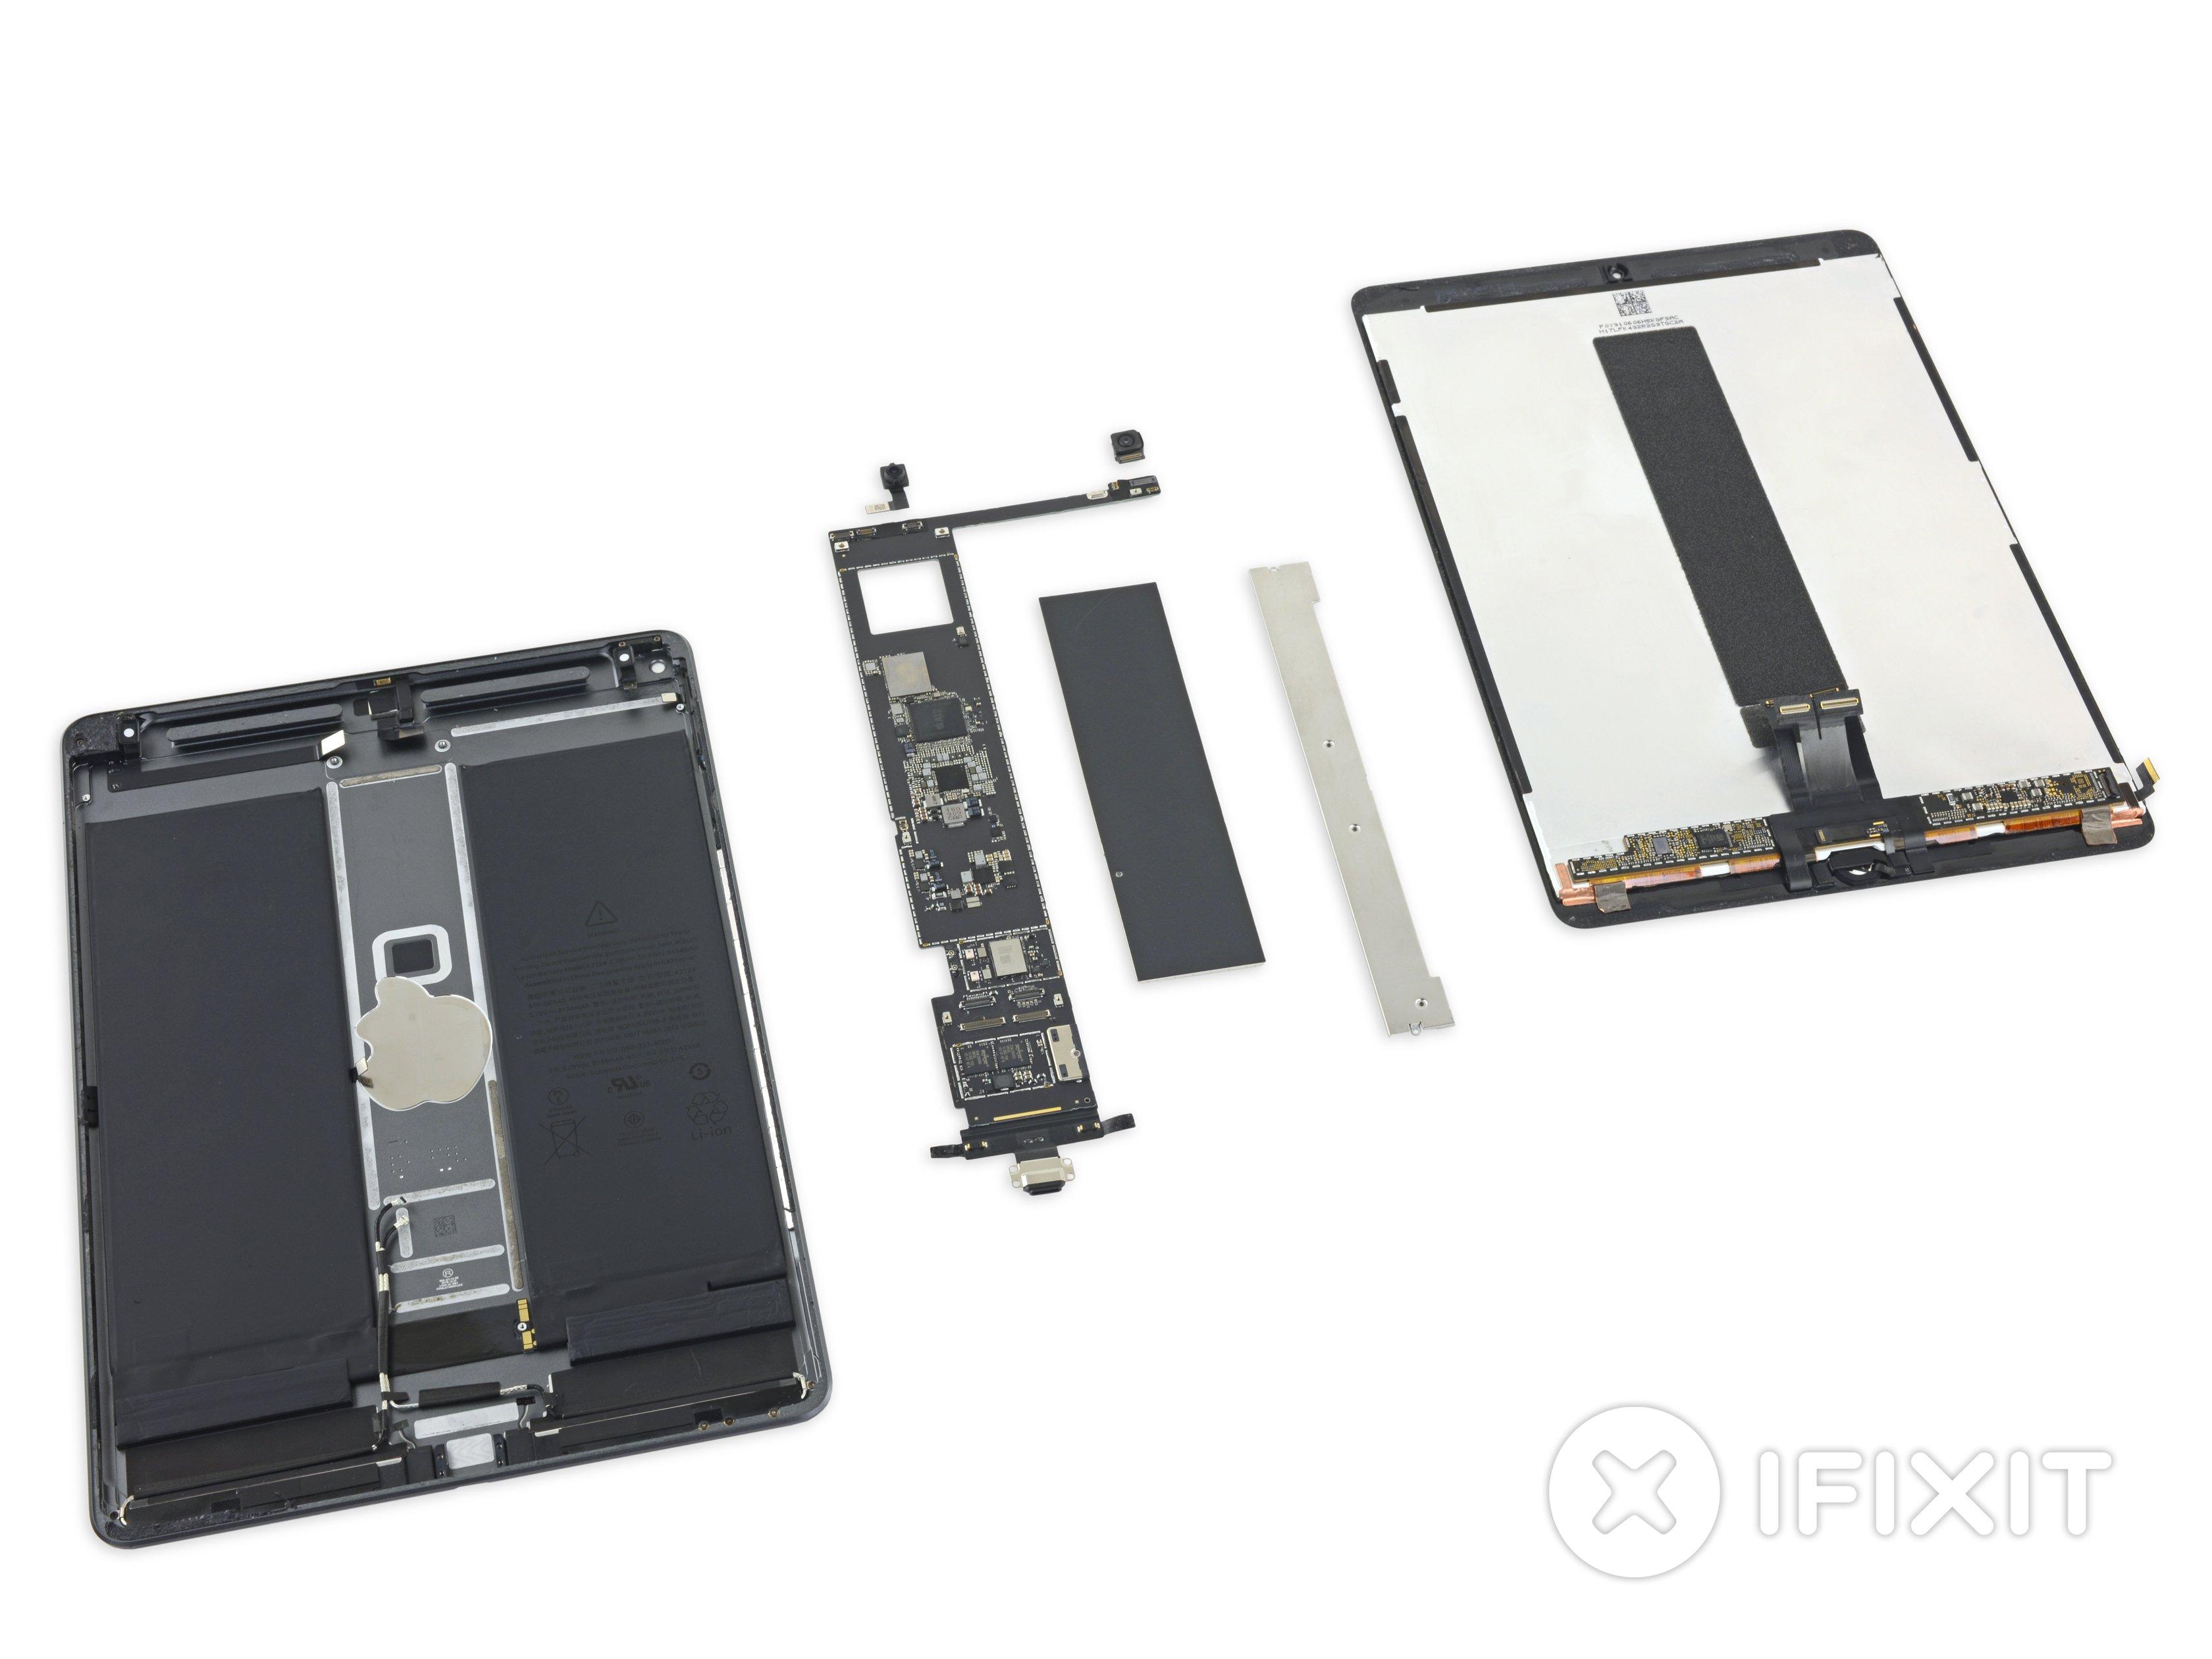 iPad Air 3 Teardown